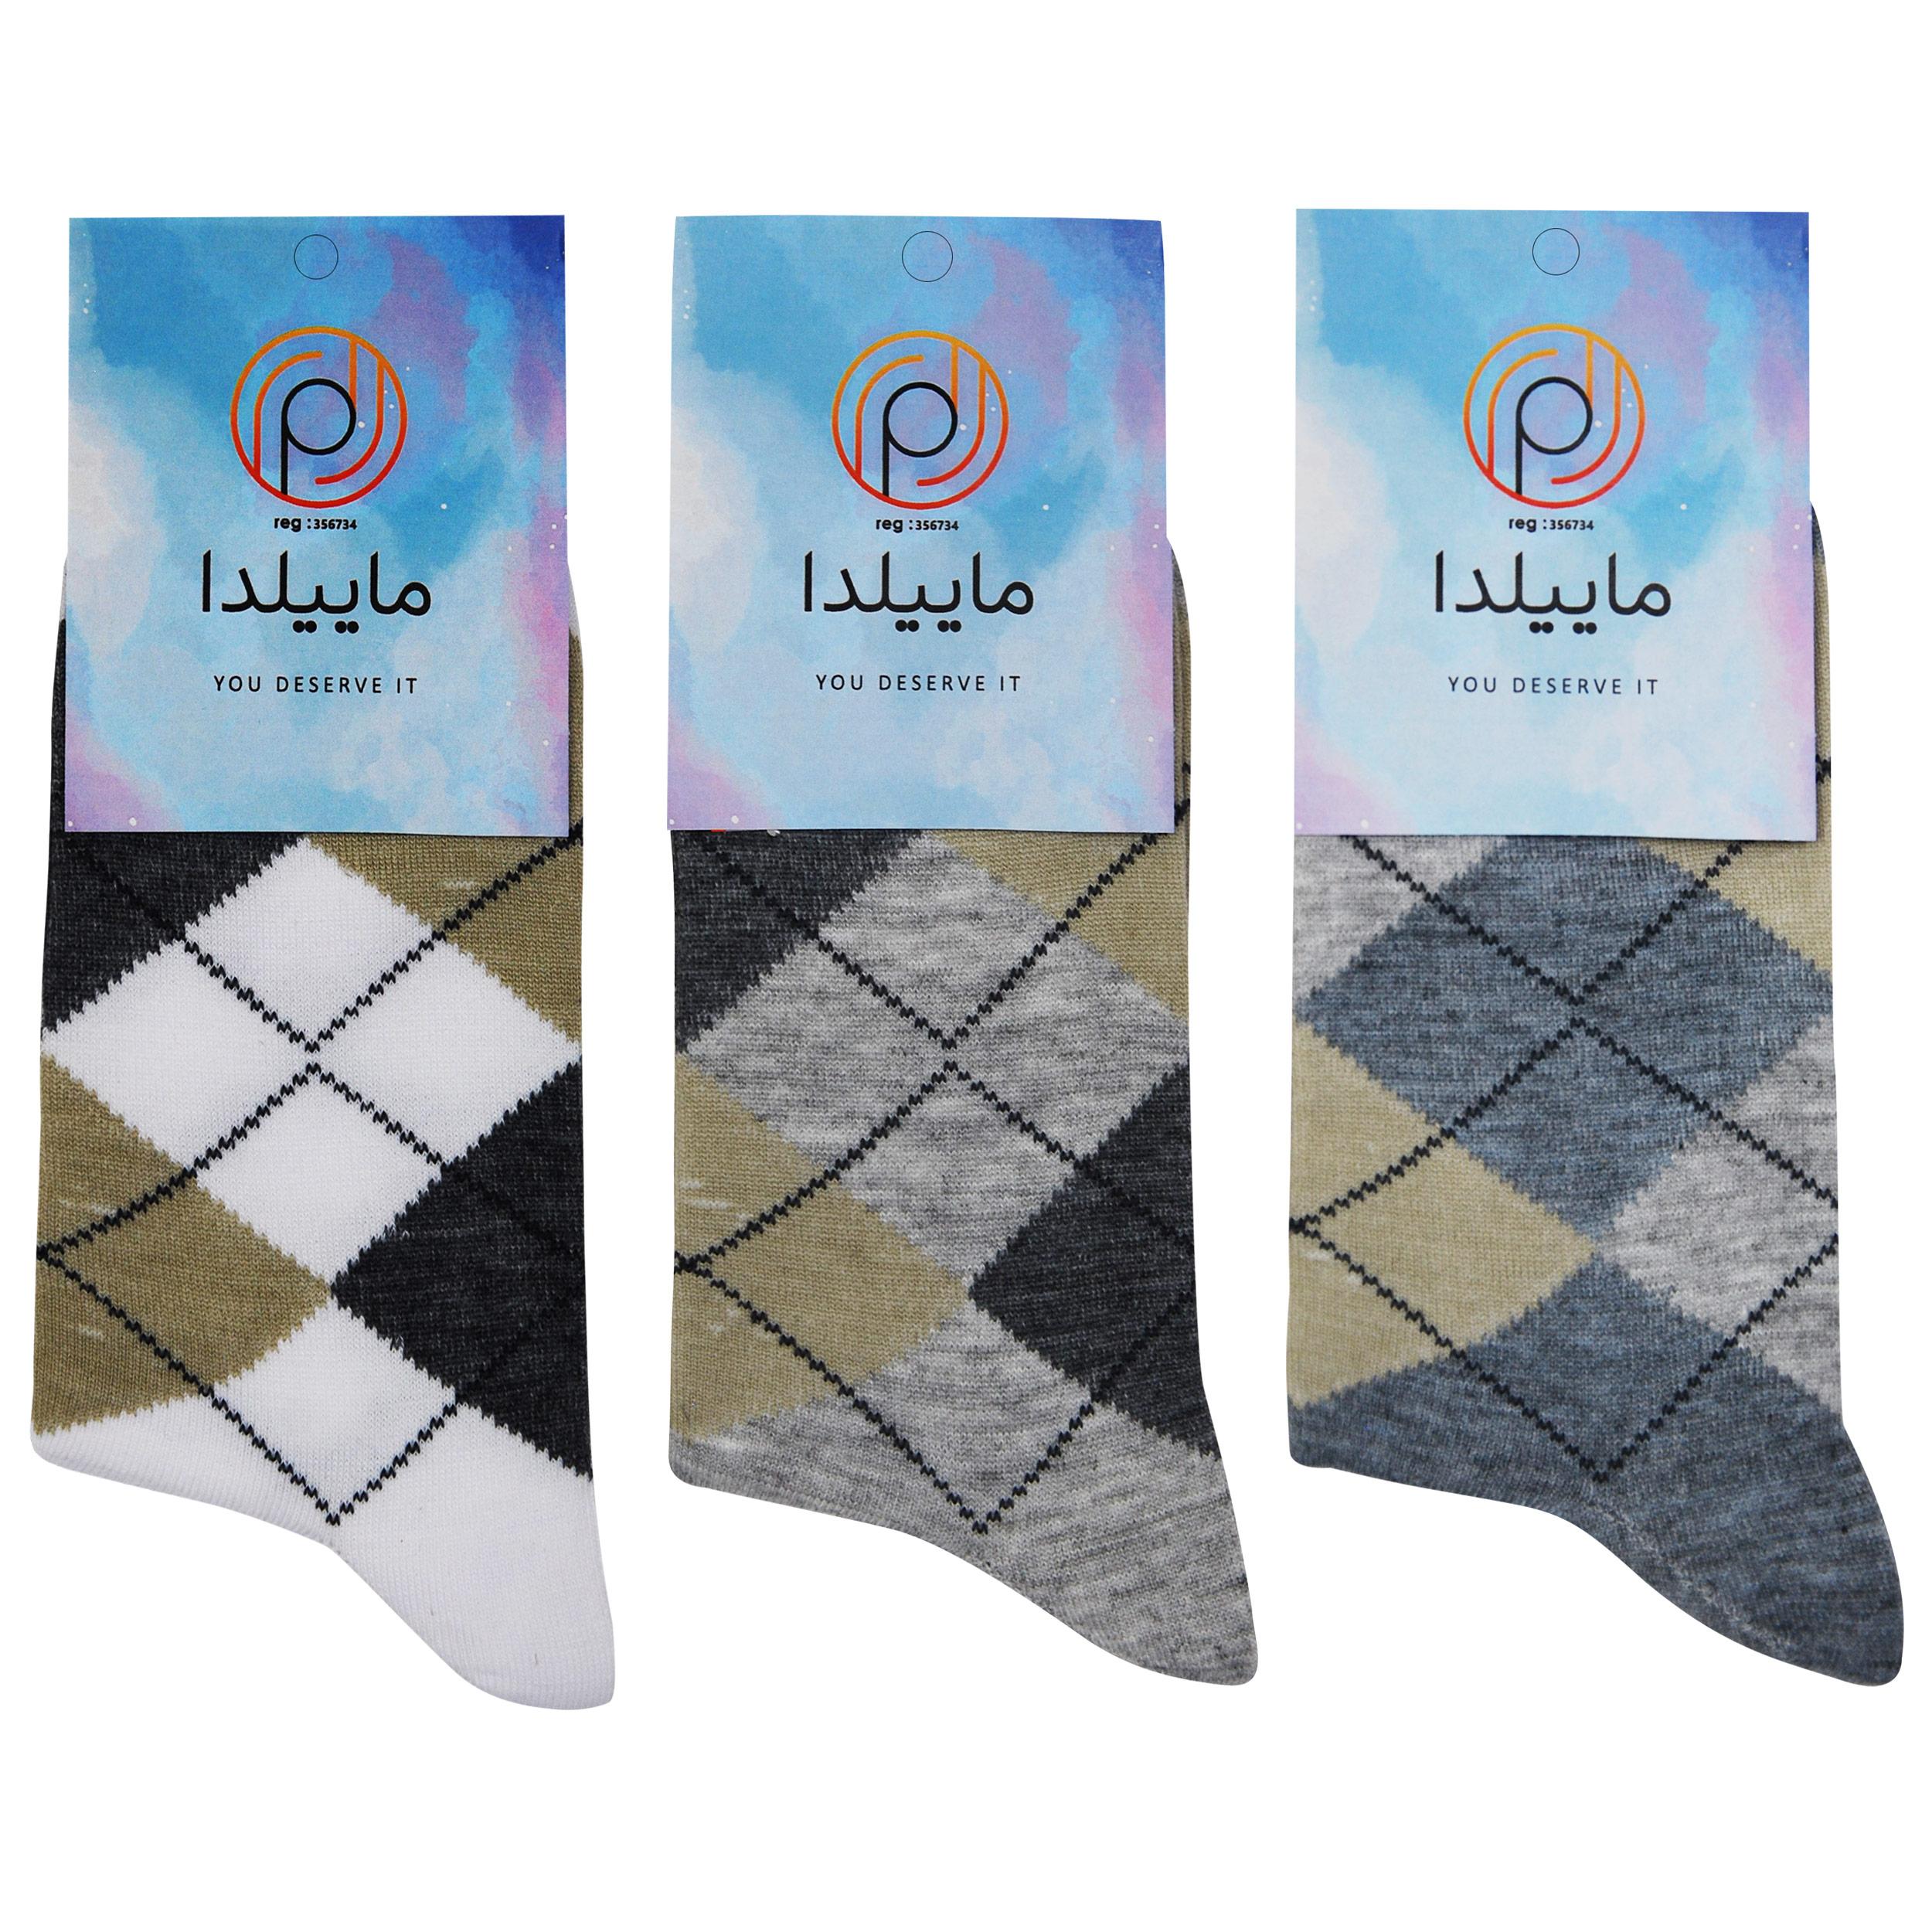 جوراب مردانه ماییلدا کد 3416-100-1 بسته 3 عددی